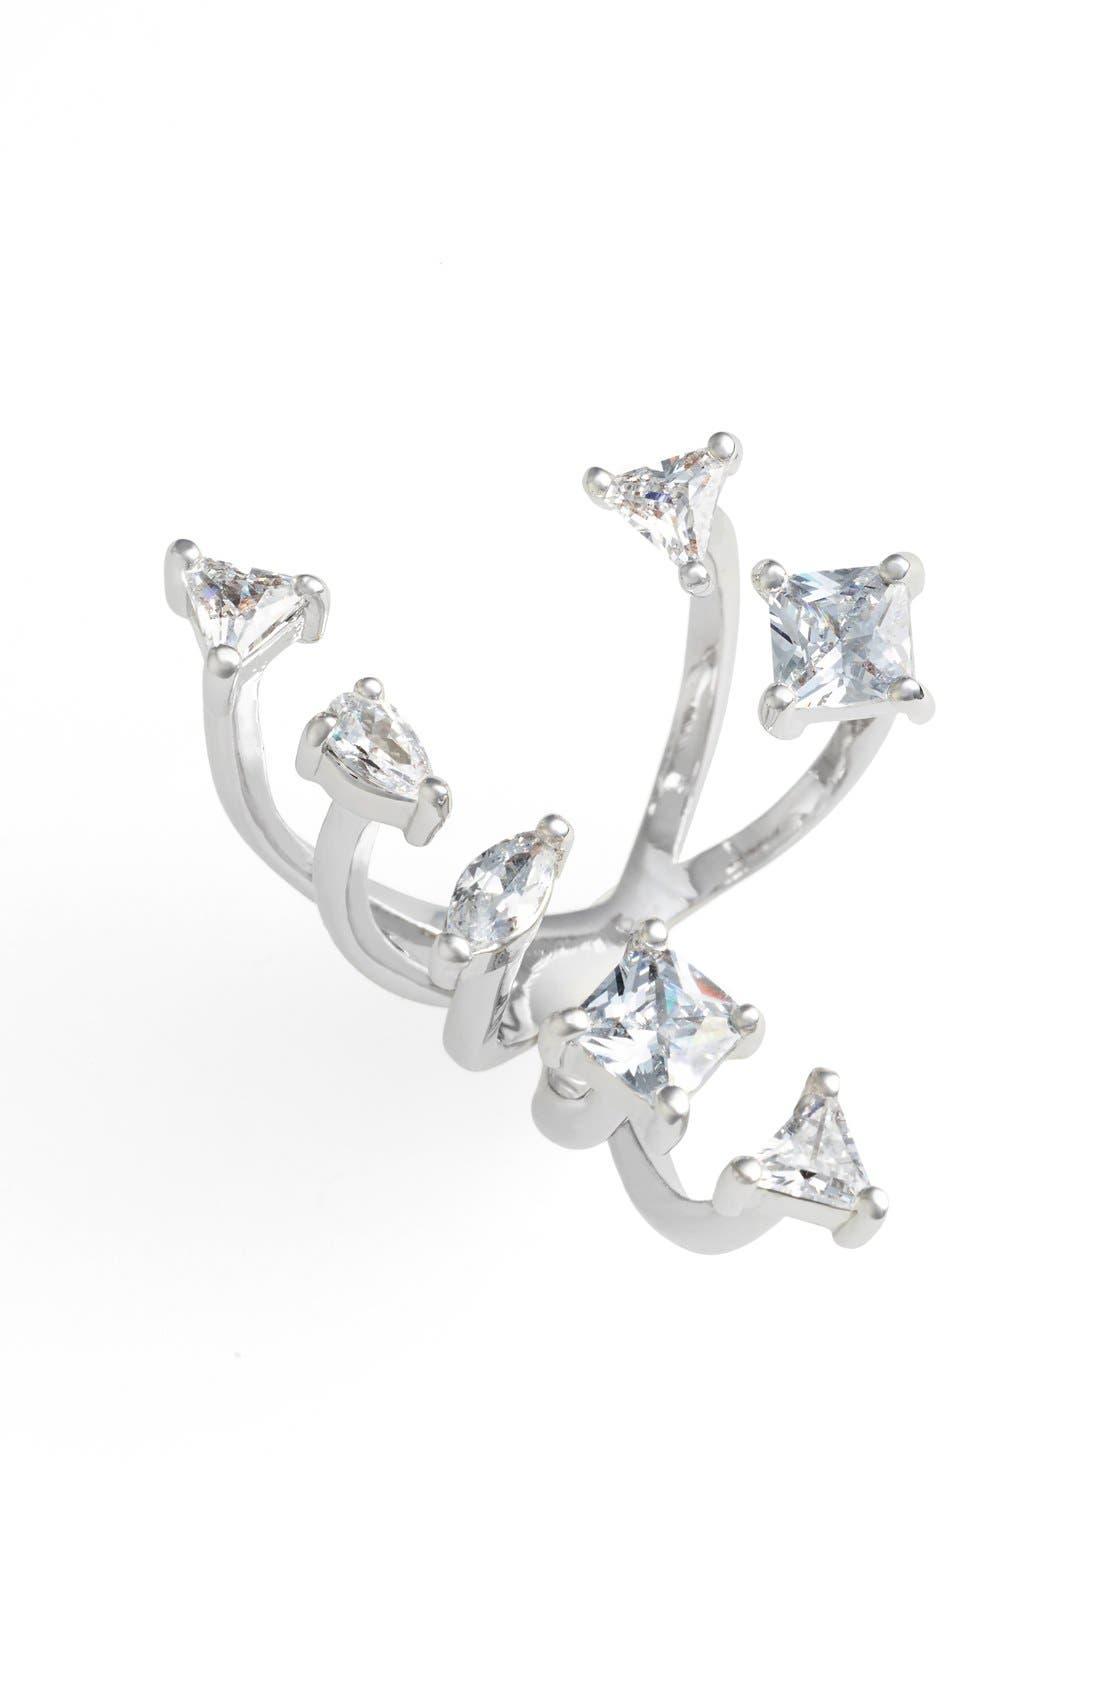 Asymmetrical Cubic Zirconia Open Ring,                         Main,                         color, Silver